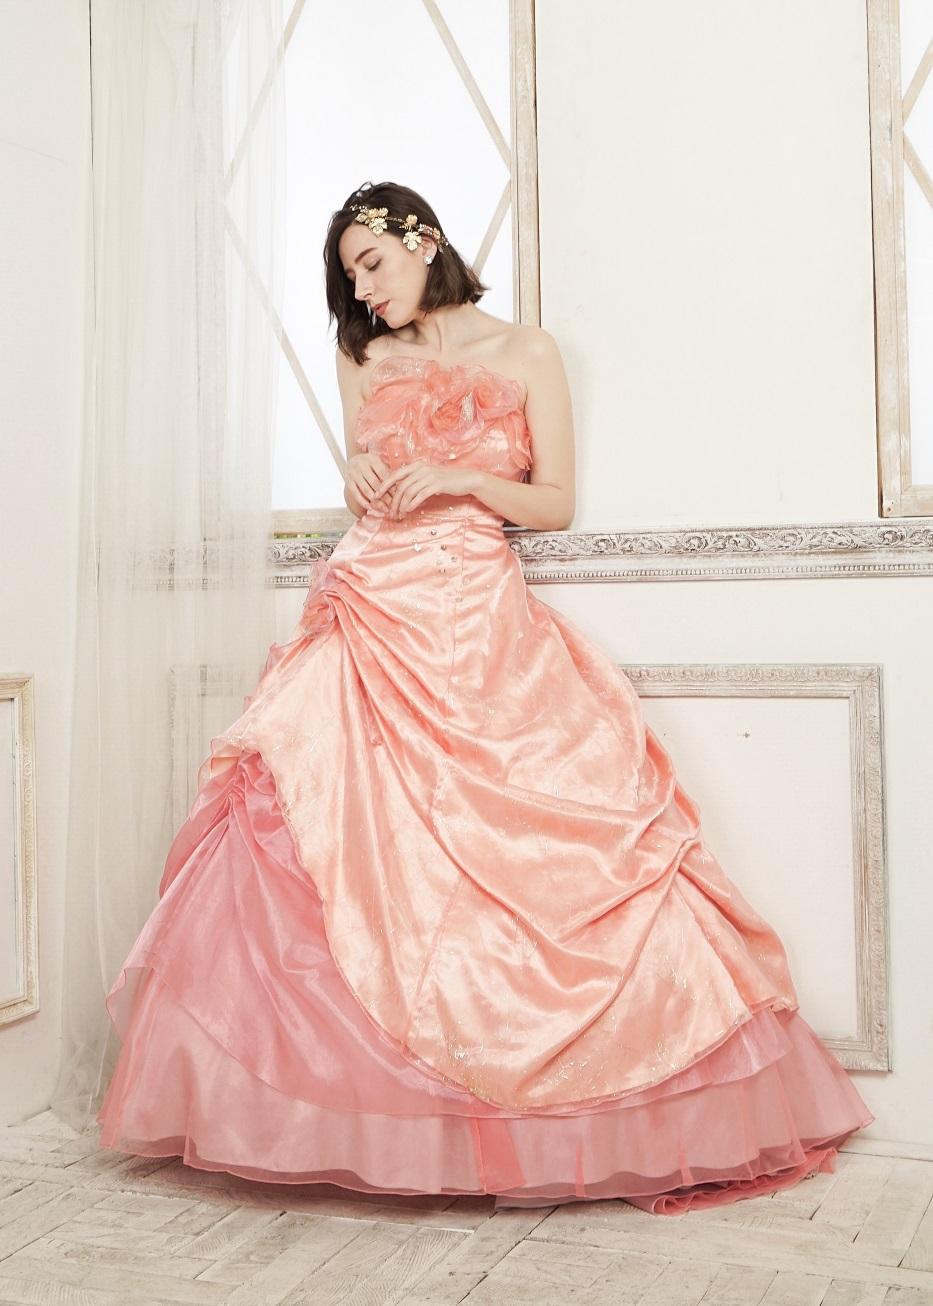 カラードレス 披露宴 1.5次会 2次会 ピンク 大人 かわいい ピンク オレンジ